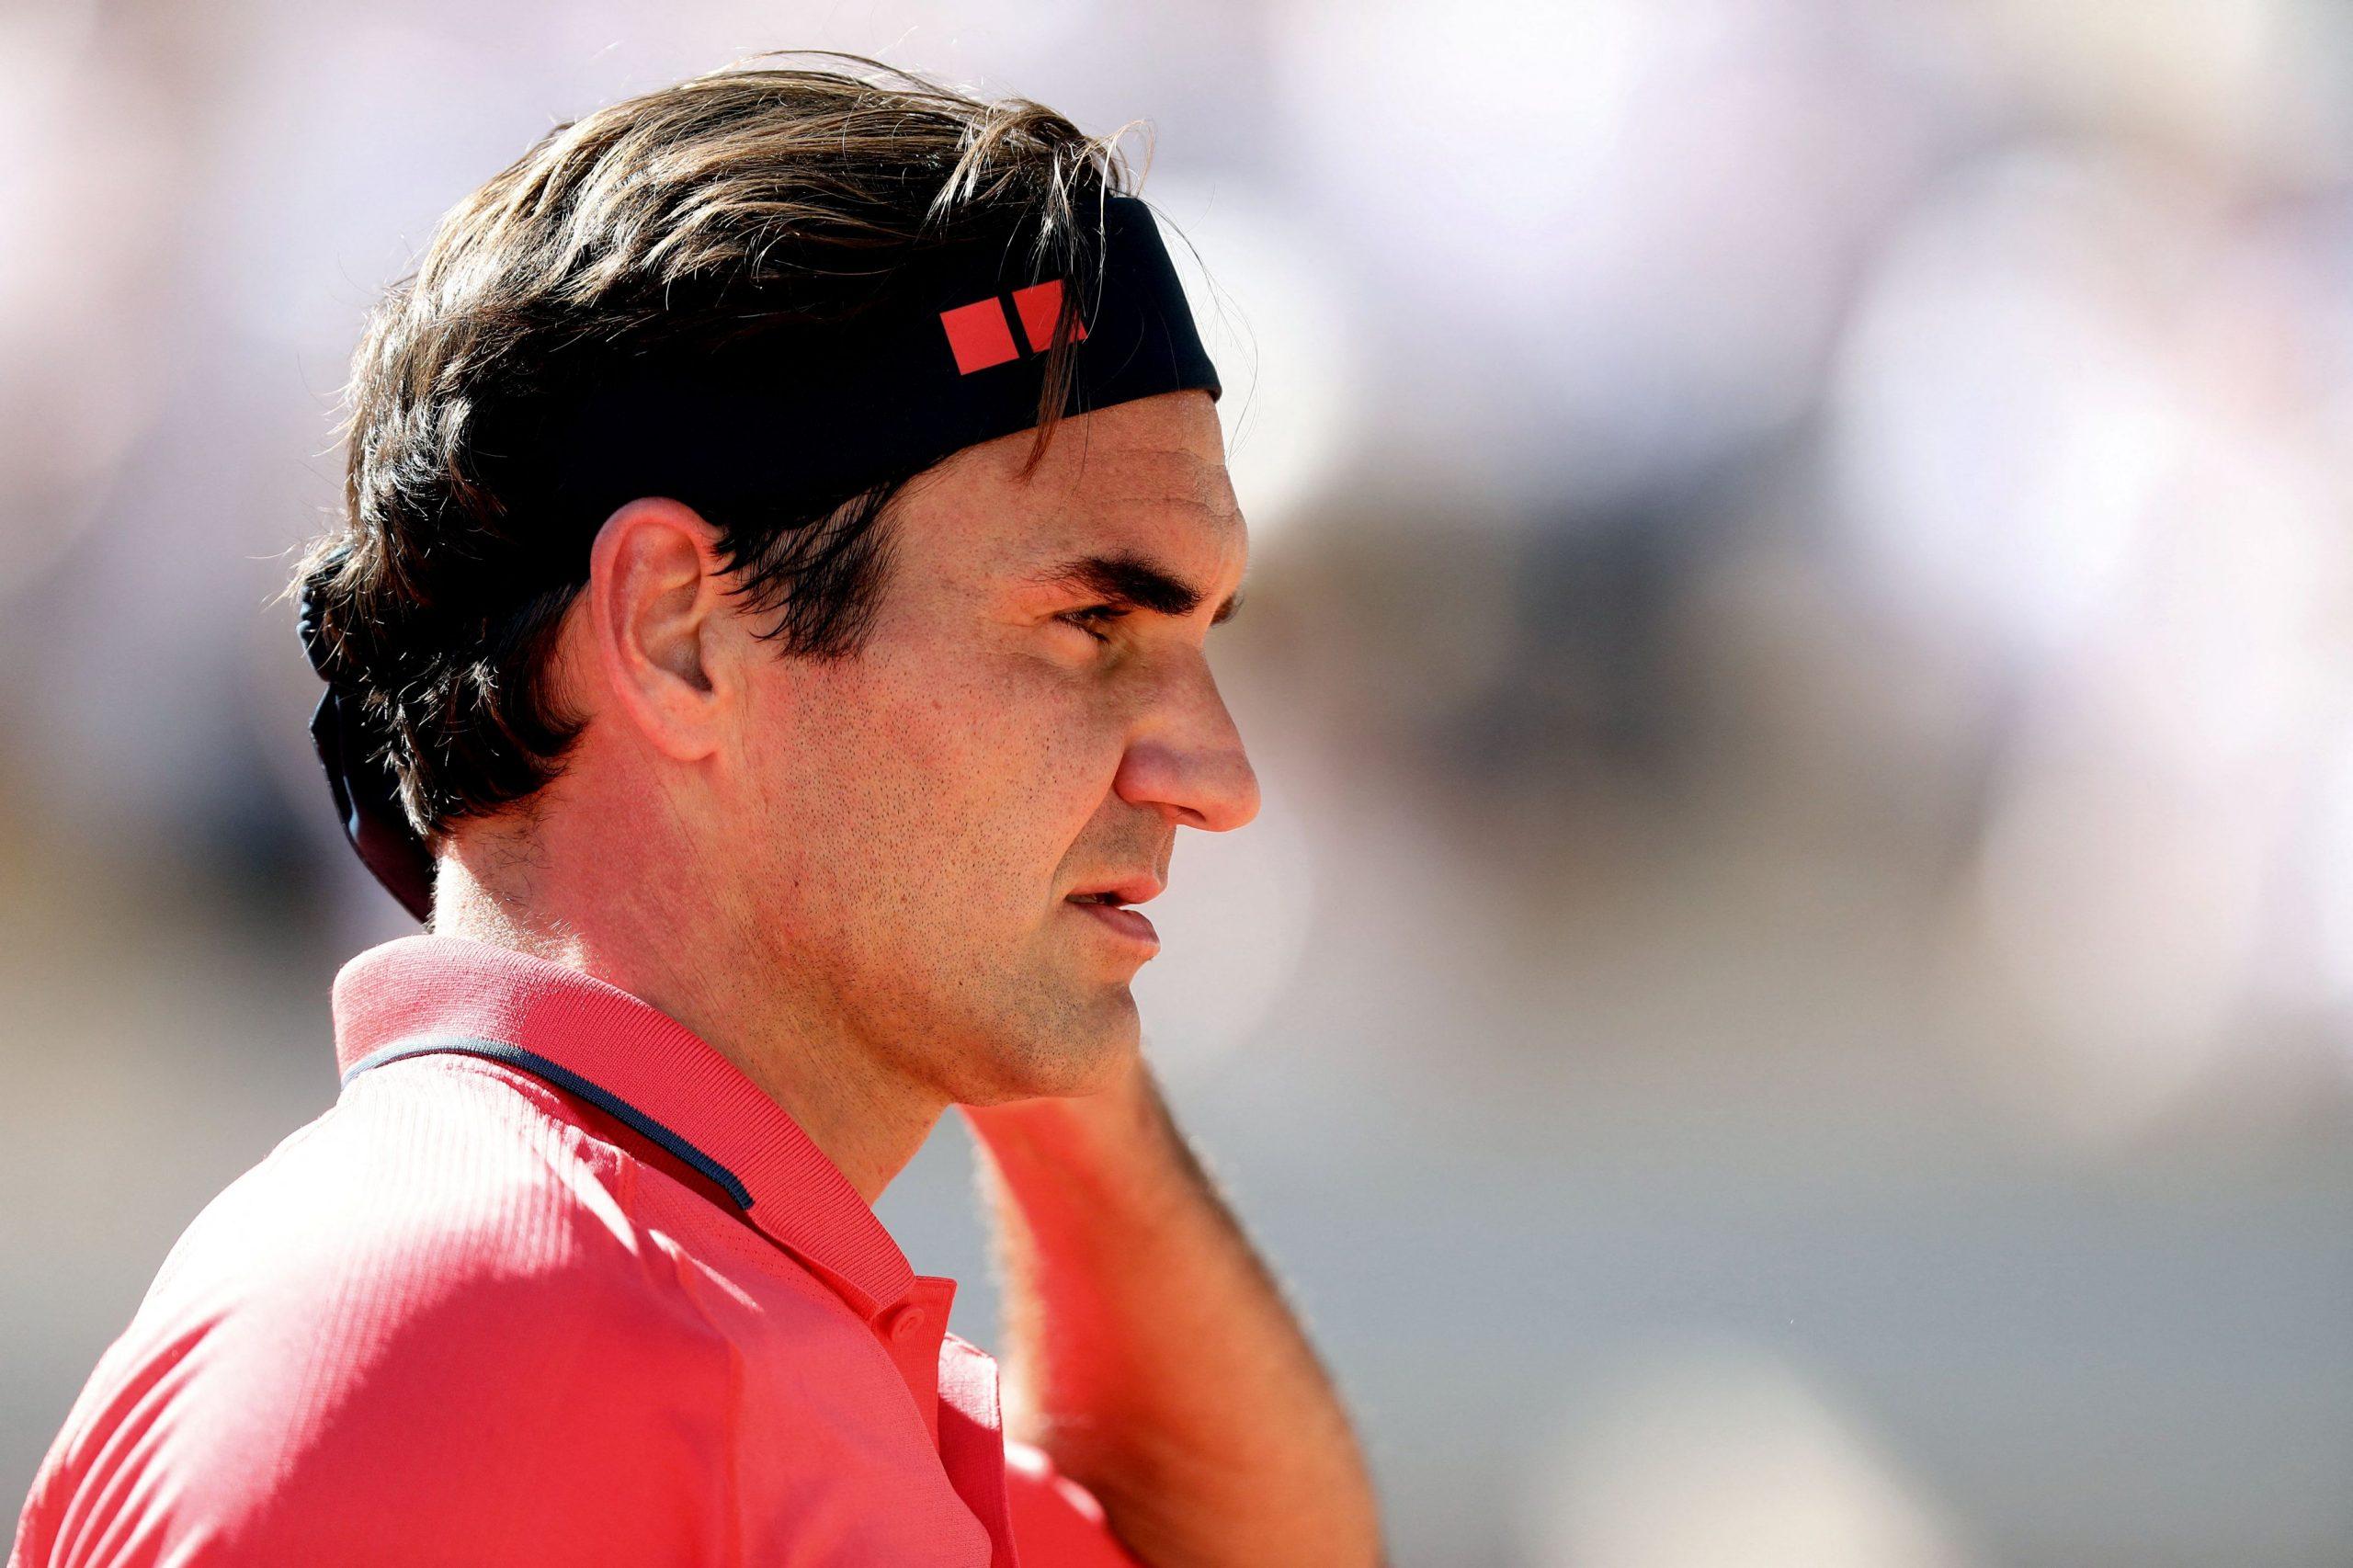 """Roger Federer a explicat de ce s-a enervat şi s-a certat cu arbitrul în timpul meciului cu Cilic: """"La început, nu am înţeles"""""""